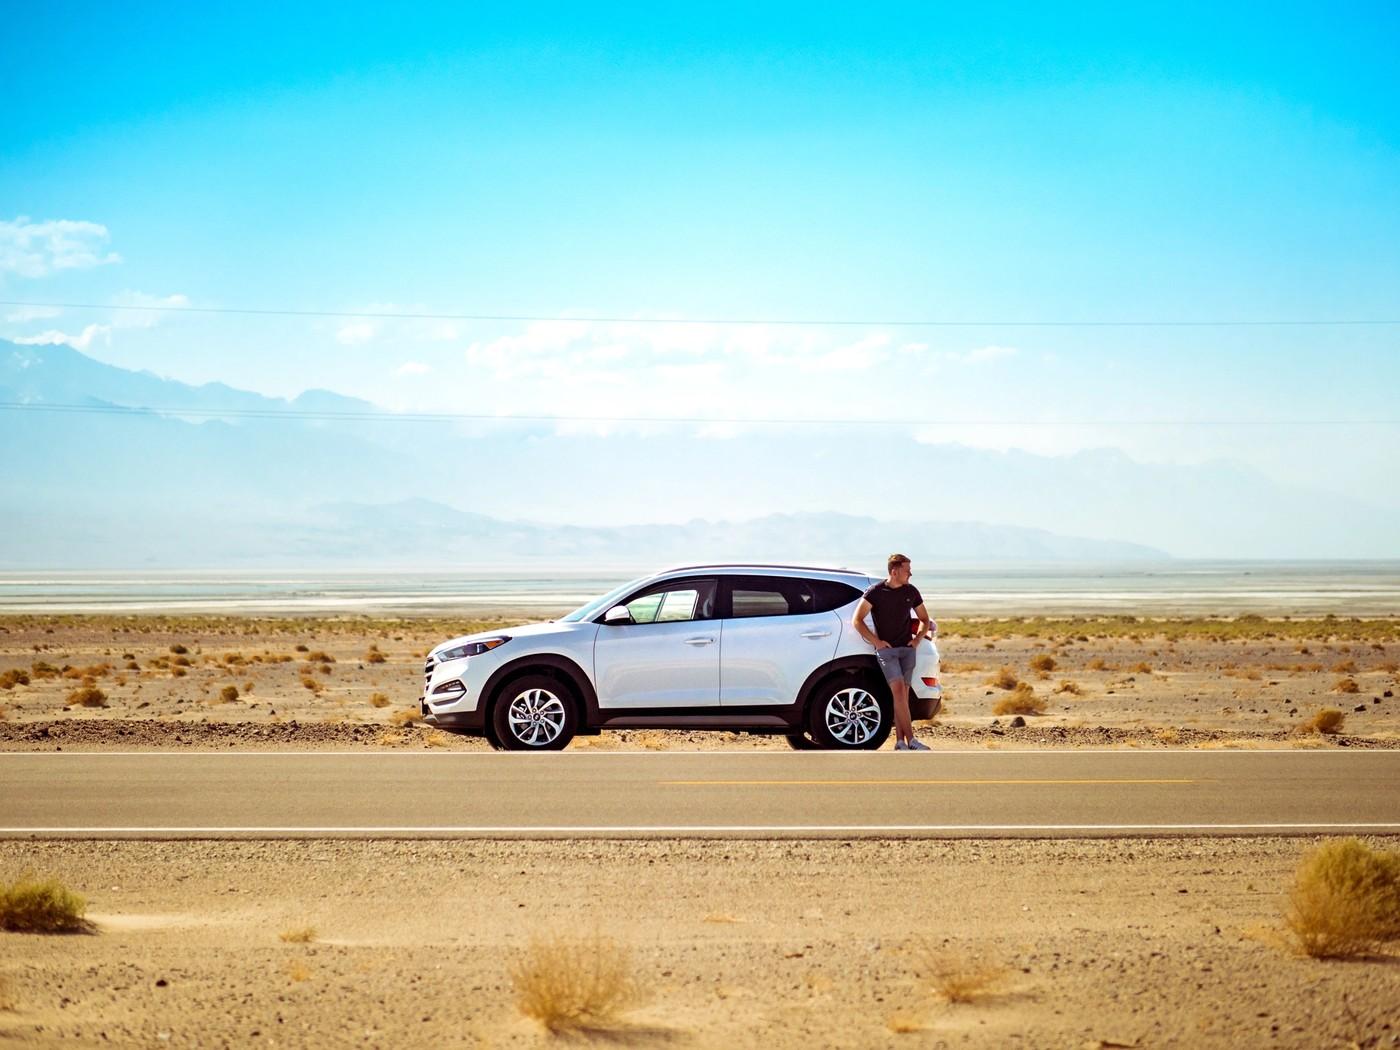 Une voiture sur une route